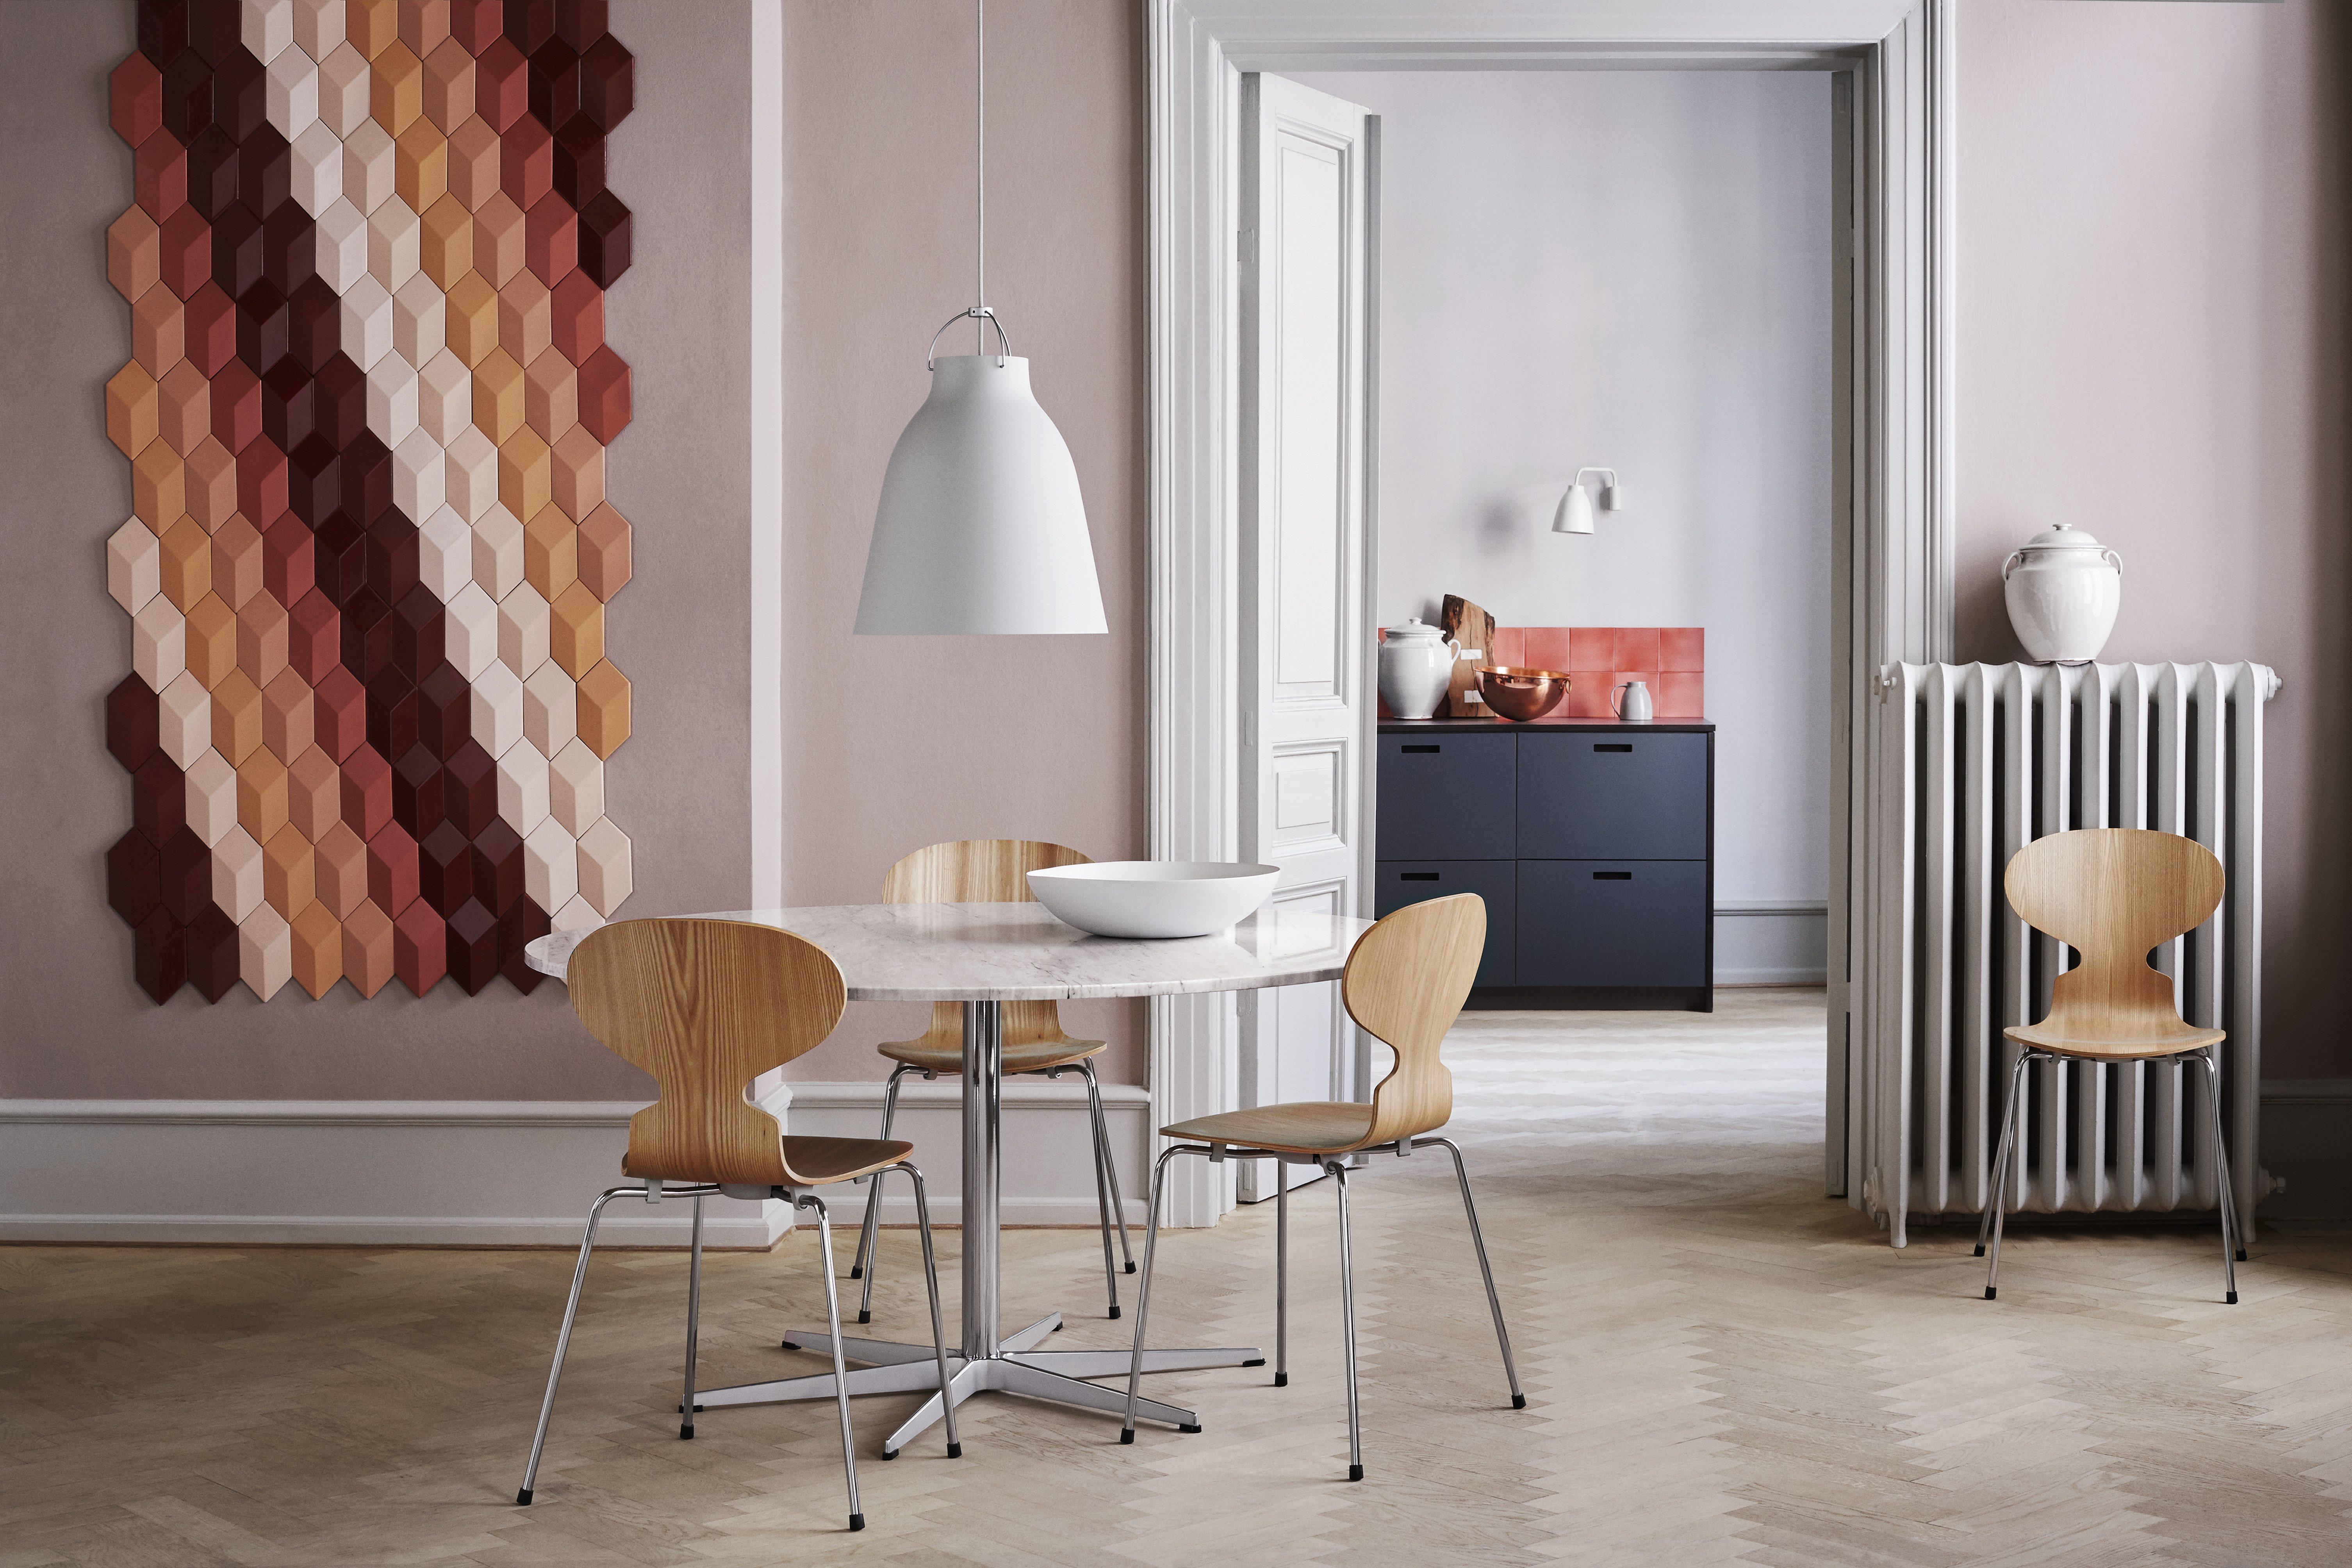 Fritz Hansen, Arne Jacobsen, J. Wegner, designmøbler, danish design, da danske møbler blev moderne